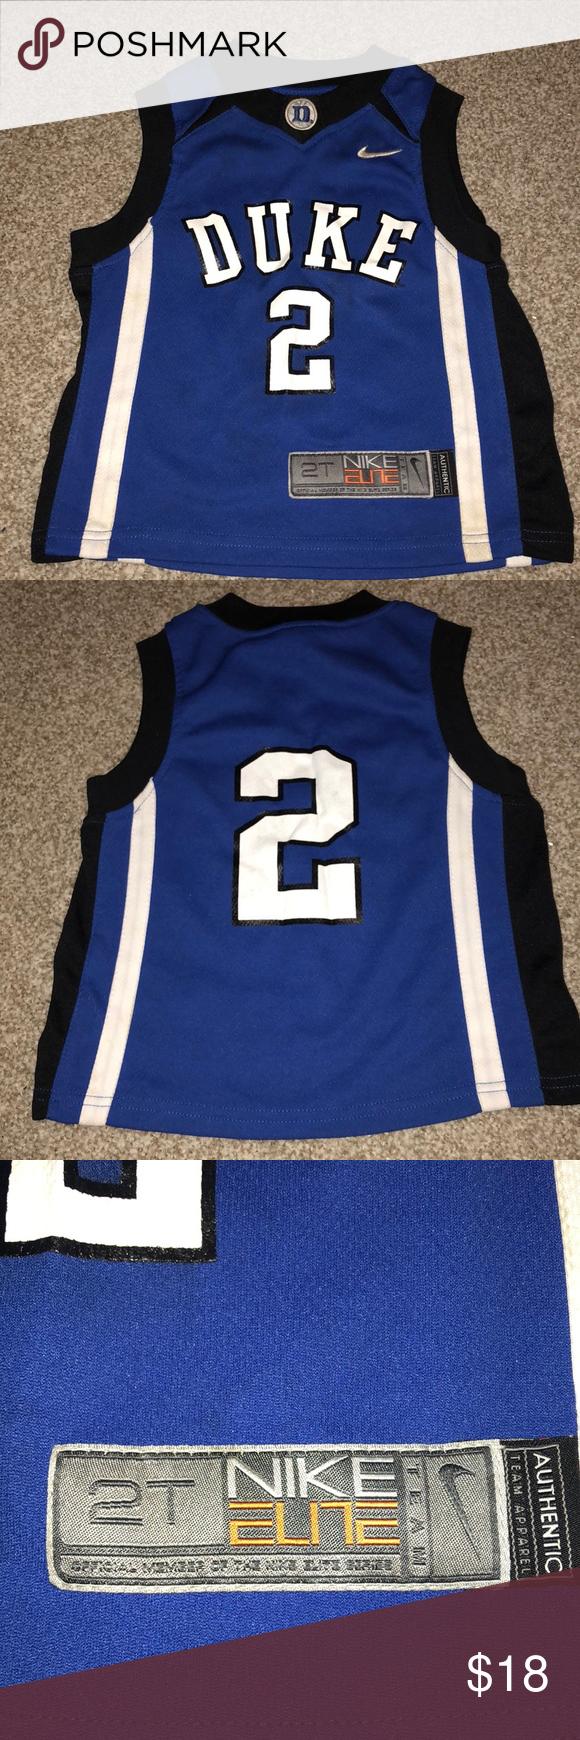 252bf350d26a duke toddler jersey